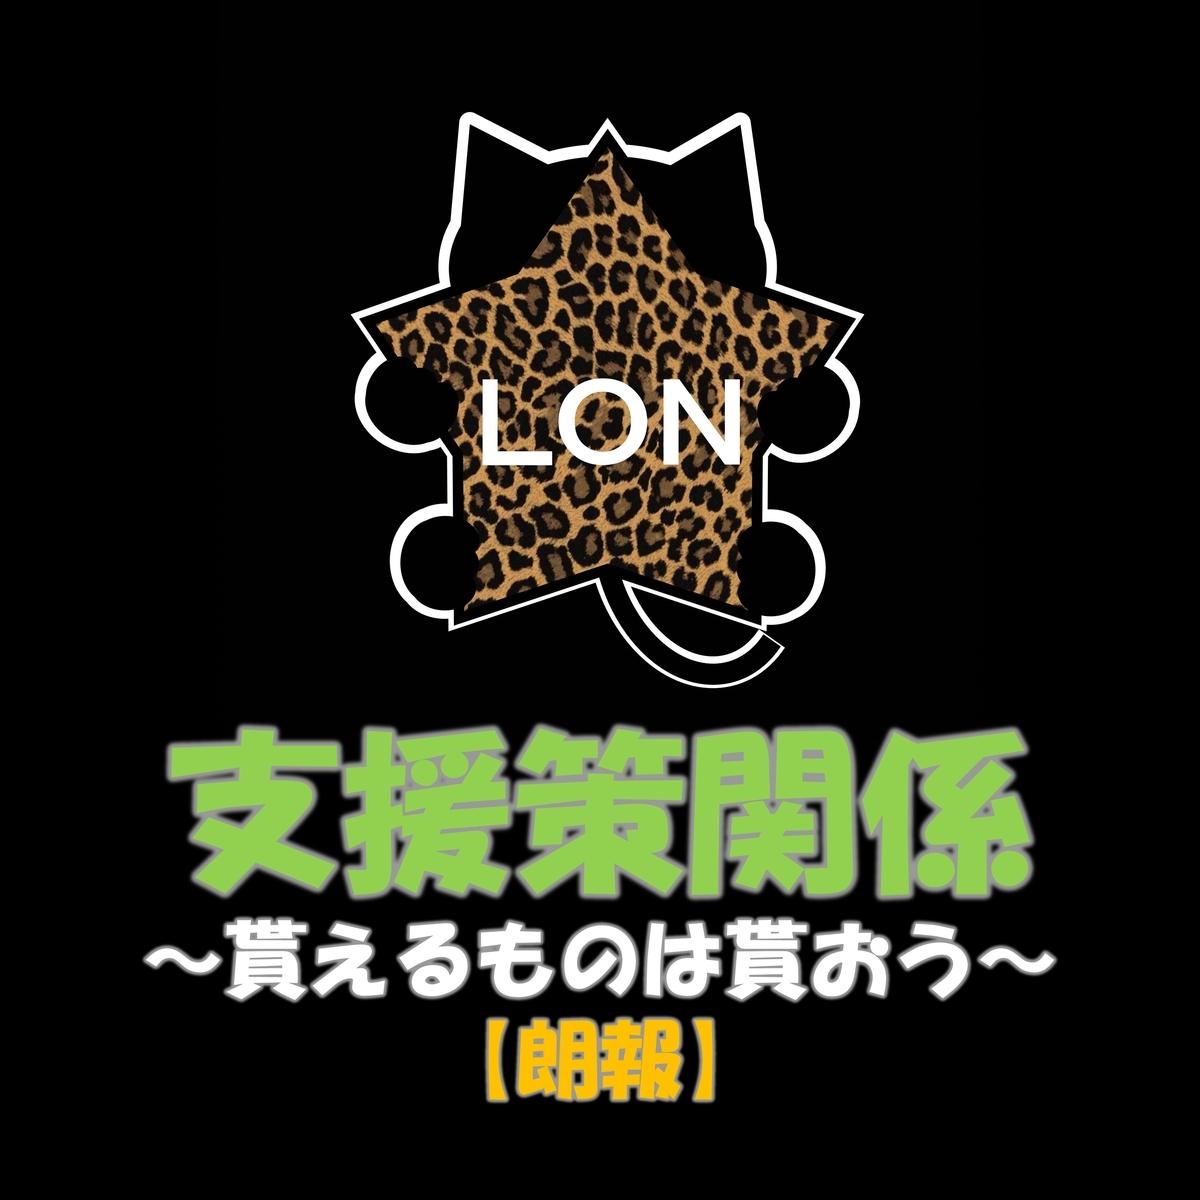 f:id:lon_blackcat:20200926235721j:plain